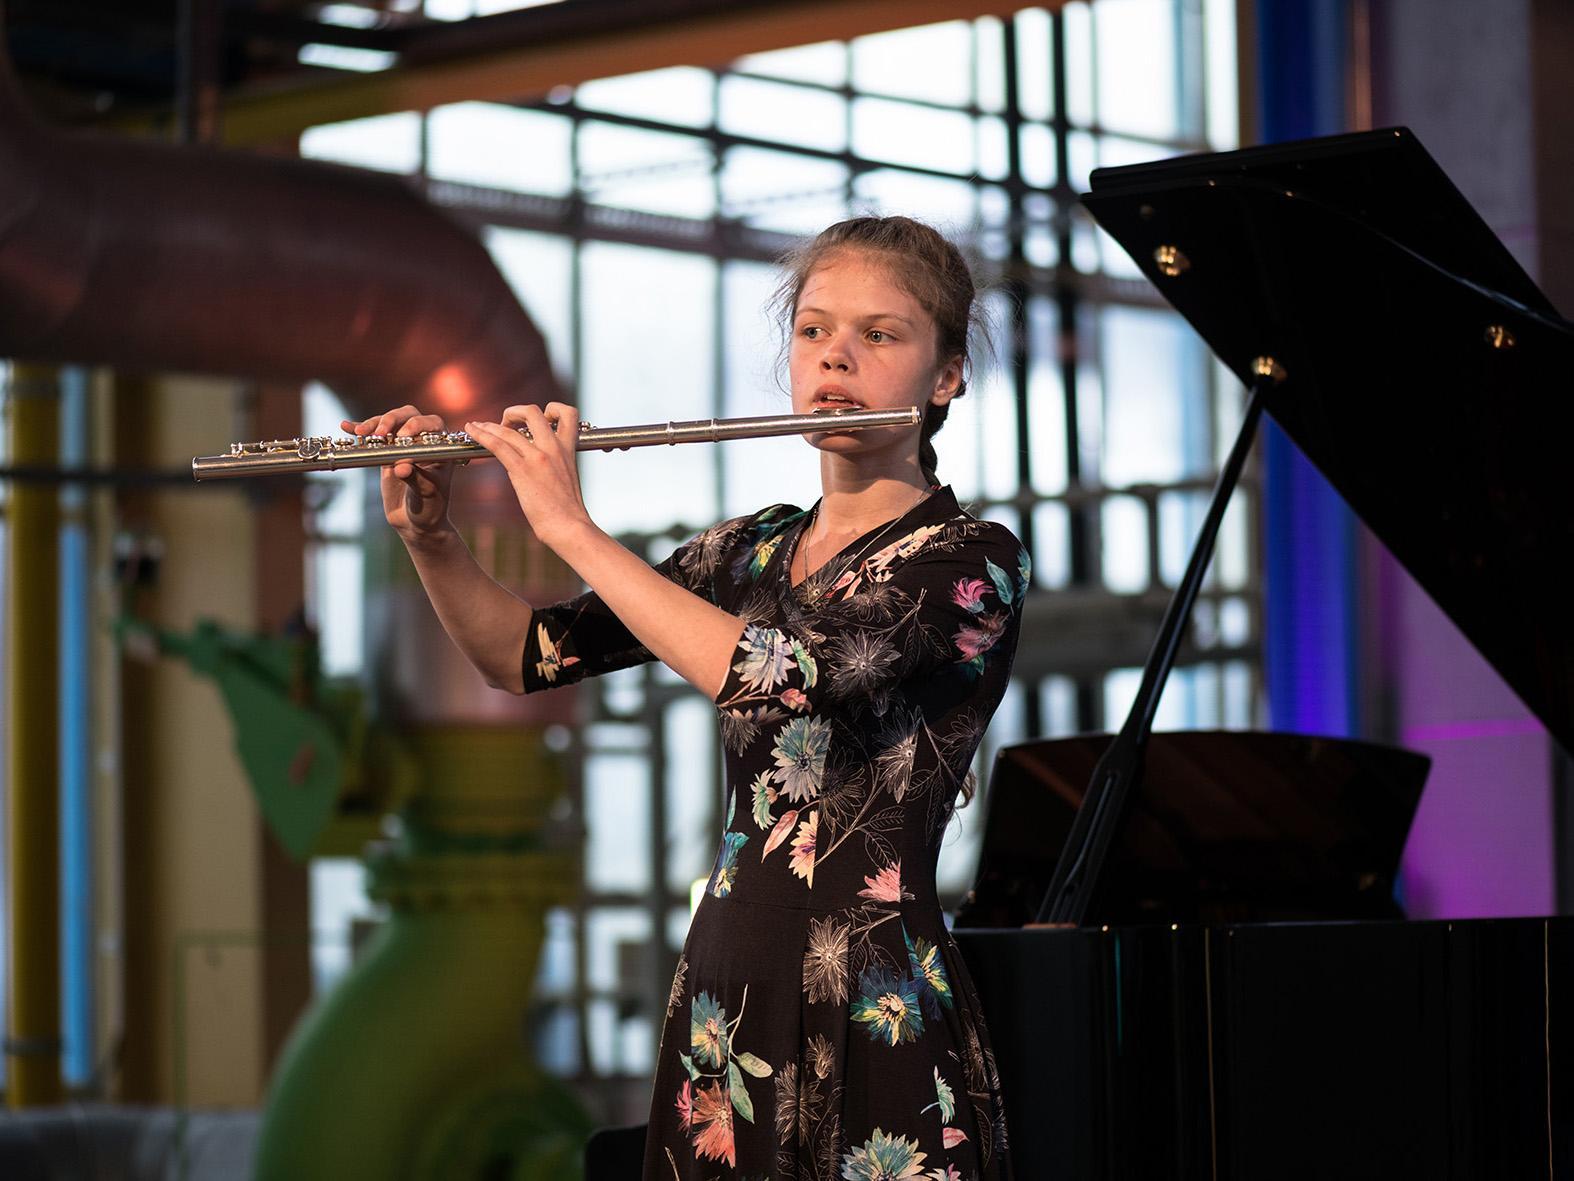 Klassik im Kraftwerk: Meret Louisa Vogel begeistert das Publikum mit ihrer Querflöte.